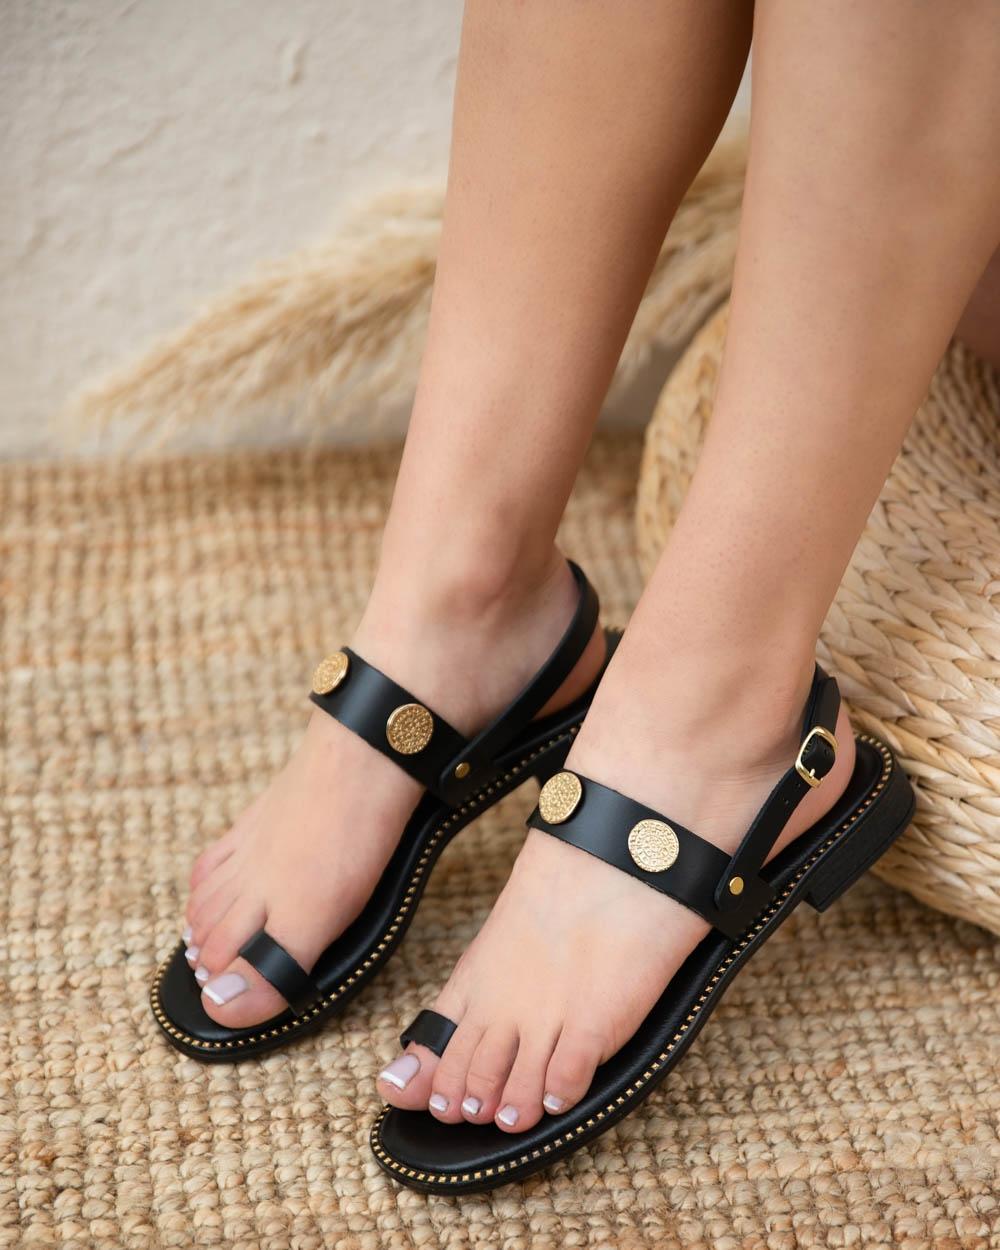 Εικόνα από Γυναικεία σανδάλια από γνήσιο δέρμα με μεταλλικές λεπτομέρειες Μαύρο